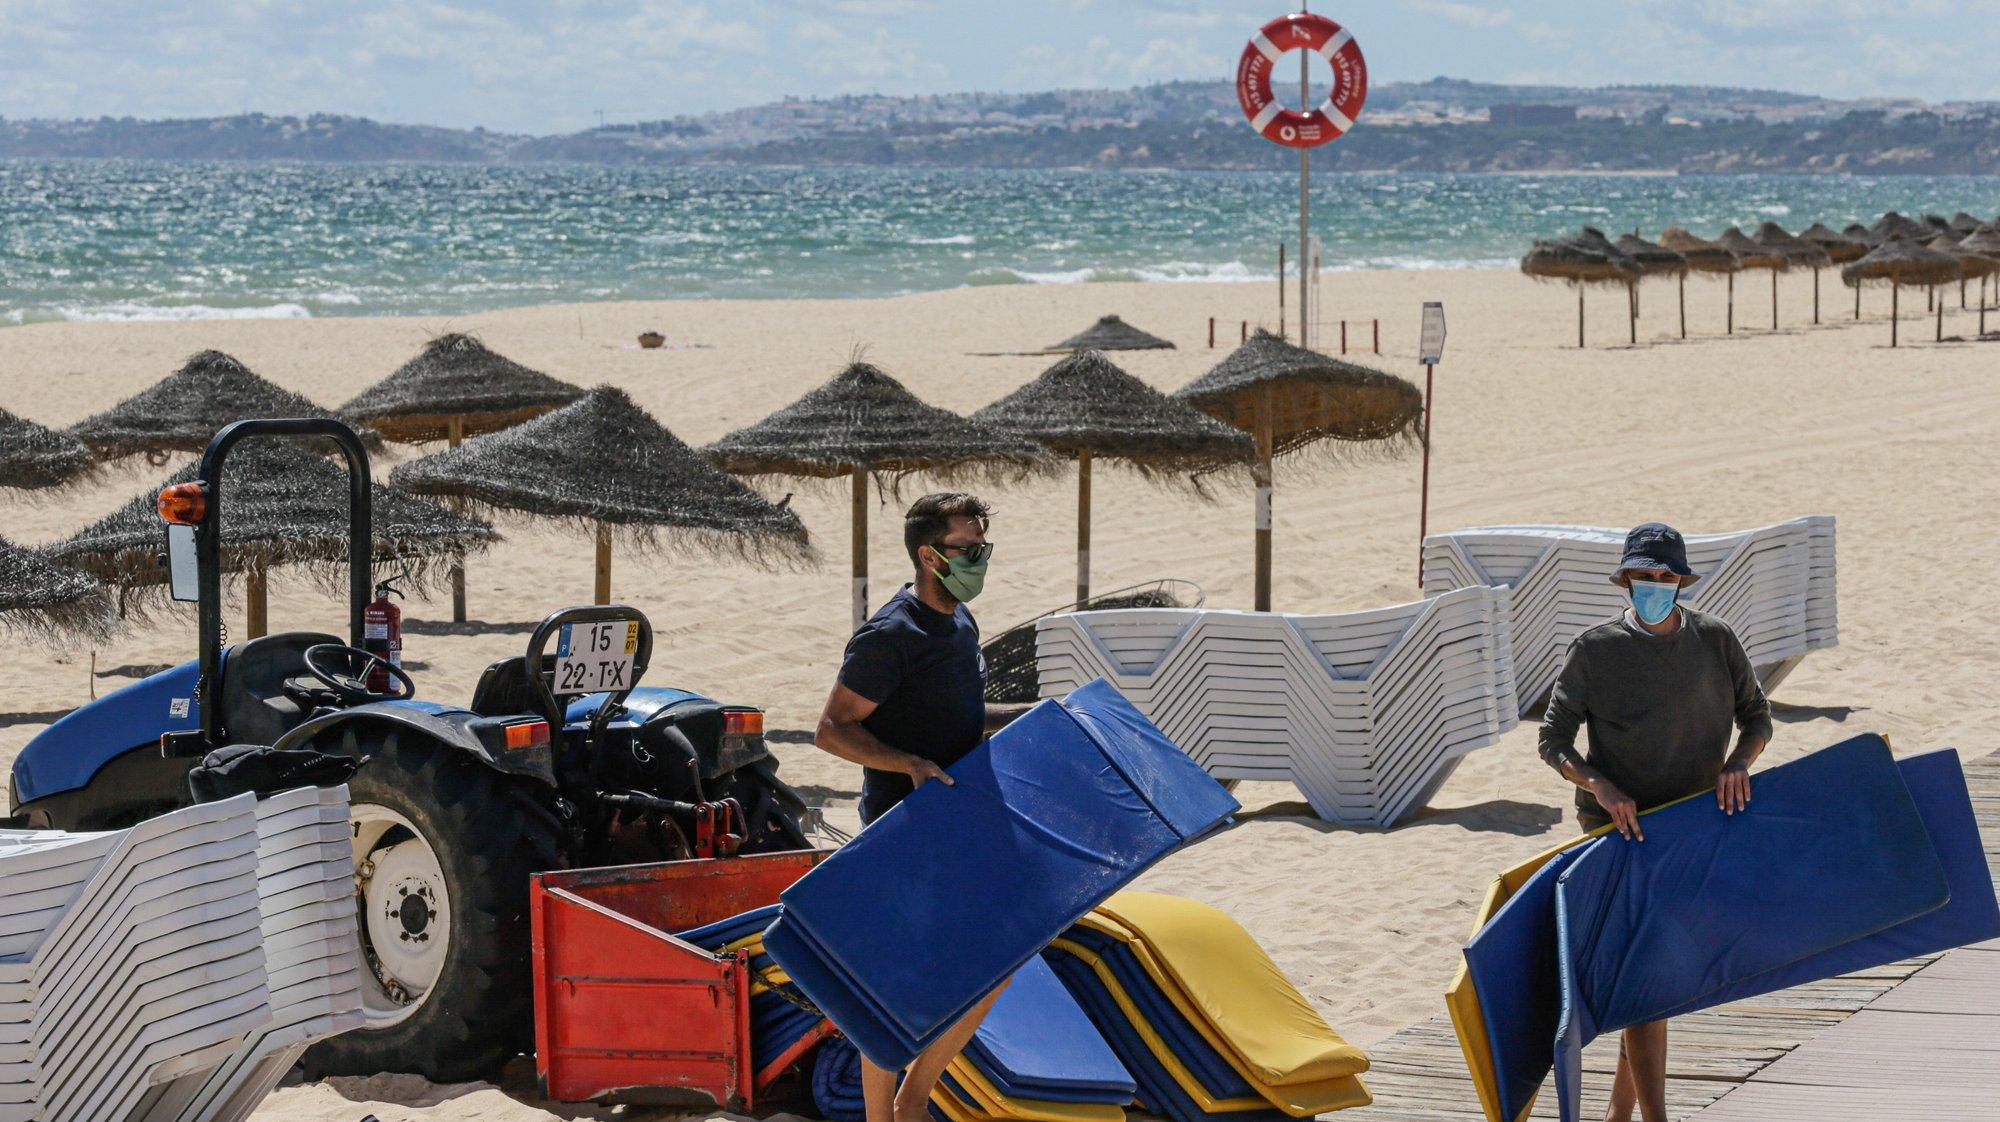 Concessionários da praia da Falésia, em Vilamoura no Algarve, realizam os últimos preparativos e adaptam-se às novas imposições da Direção Geral da Saúde para o início da época balnear devido à pandemia provocada pela covid-19, em Albufeira,4 de junho de 2020. (ACOMPANHA TEXTO DE 5 DE JUNHO DE 2020 ). LUÍS FORRA/LUSA